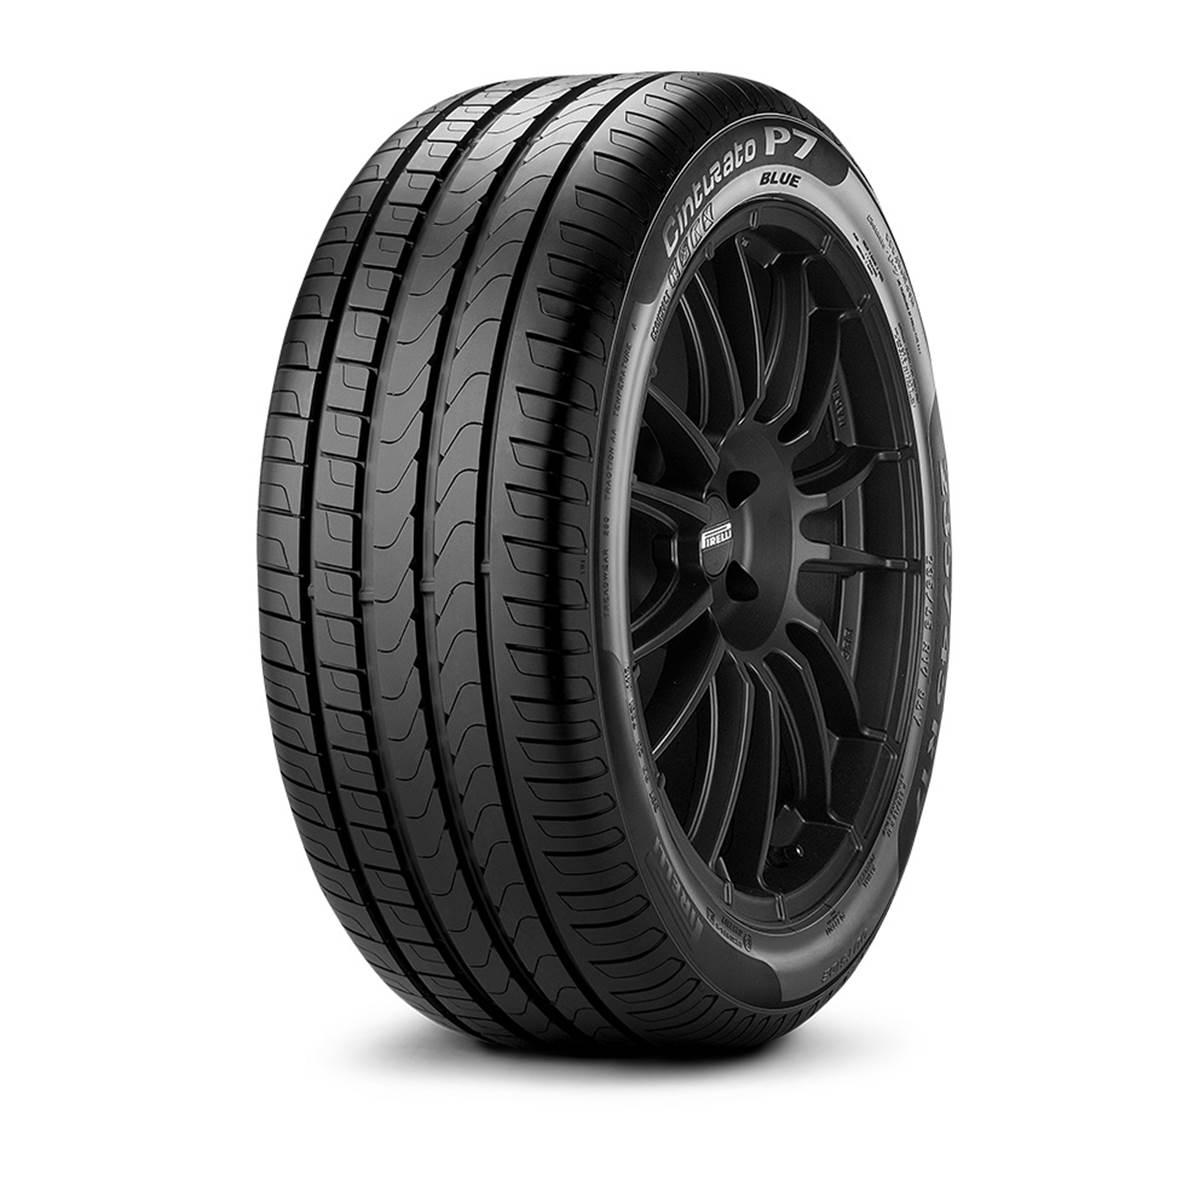 Pneu Pirelli 225/45R17 91Y Cinturato P7 Blue